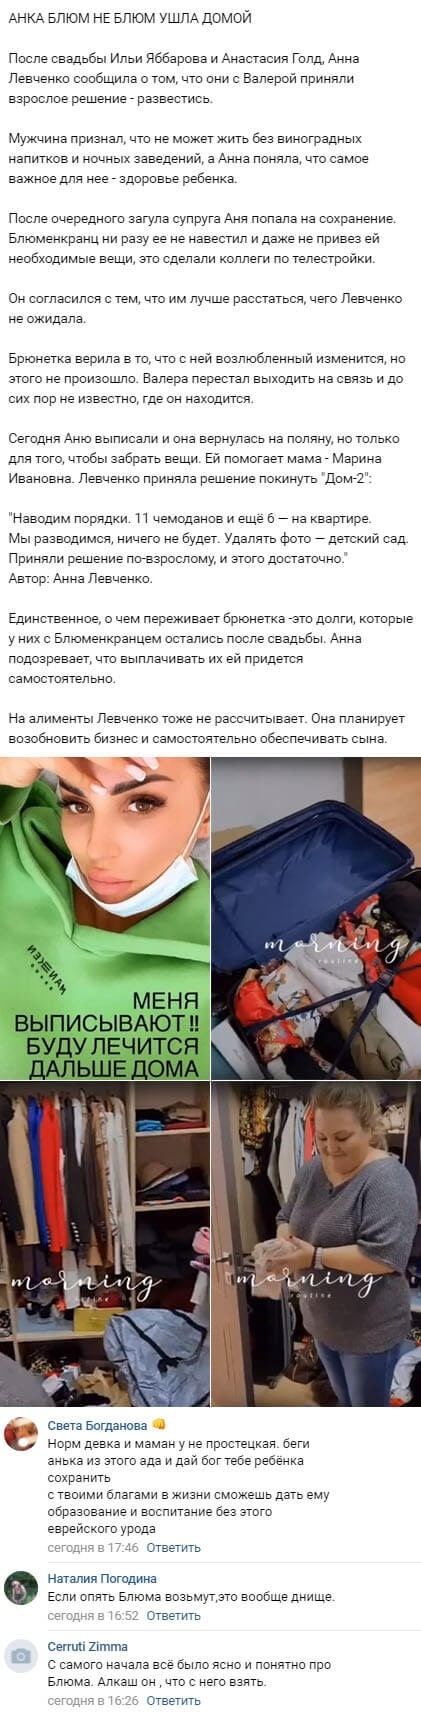 Анна Левченко собрала вещи и покинула проект